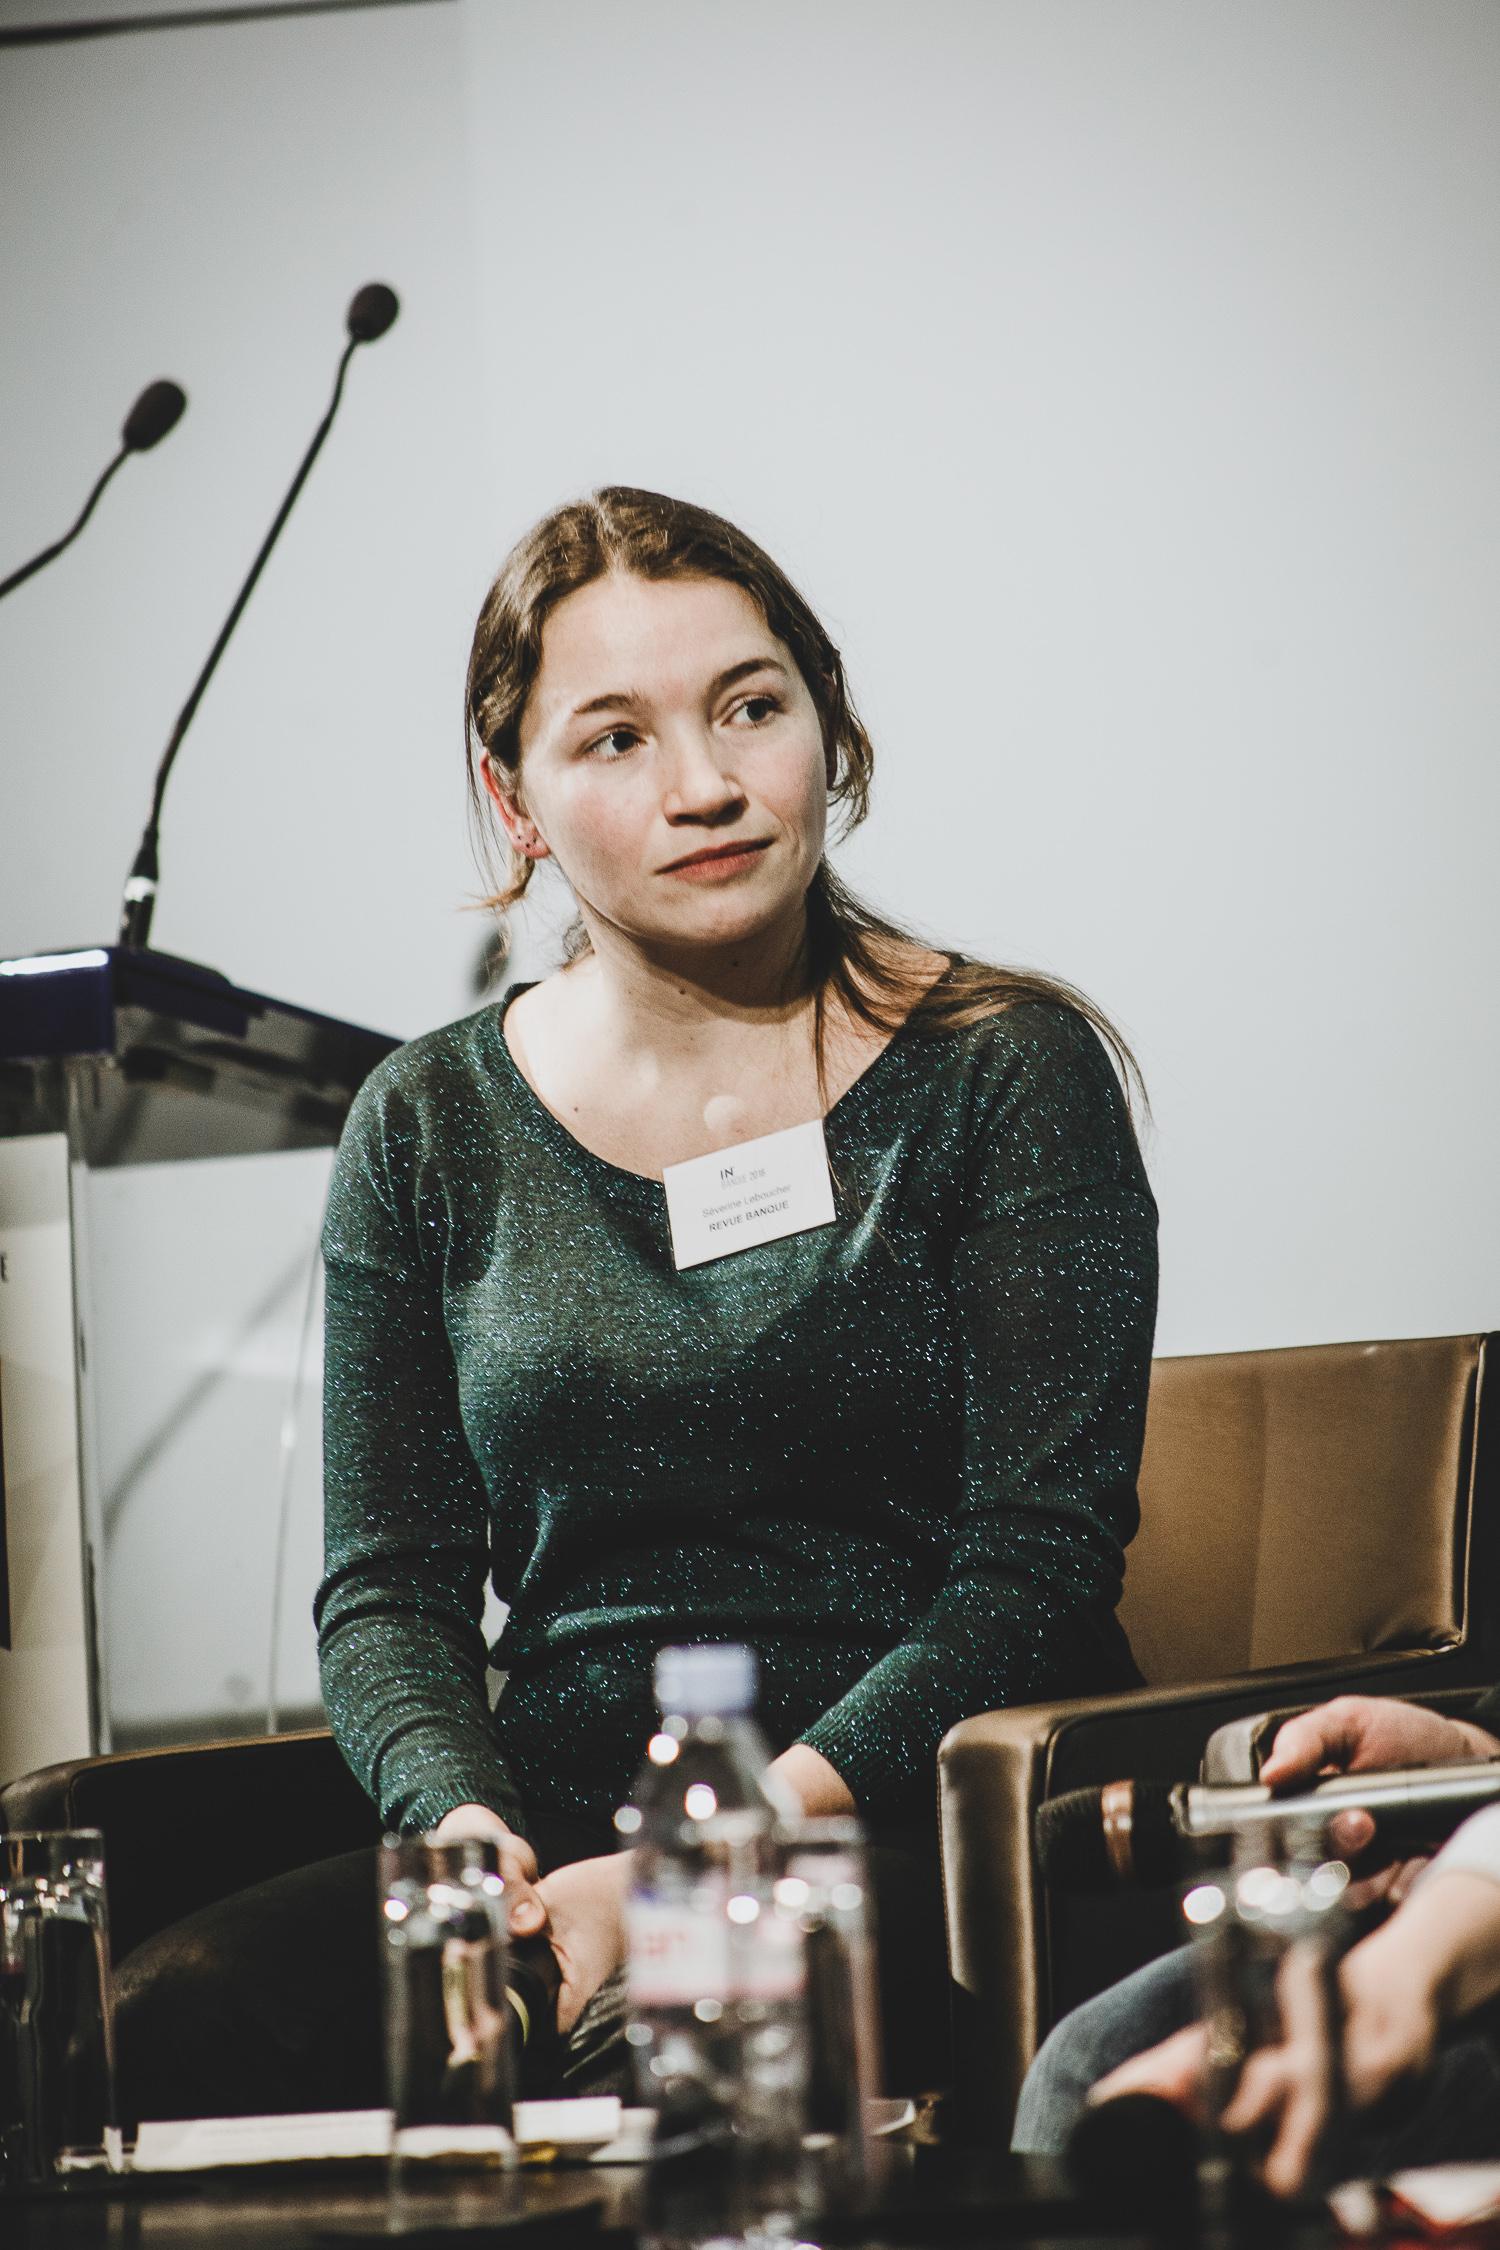 Séverine Leboucher (Revue Banque) - IN BANQUE 2016 - Crédit photo : Guillermo Gomez